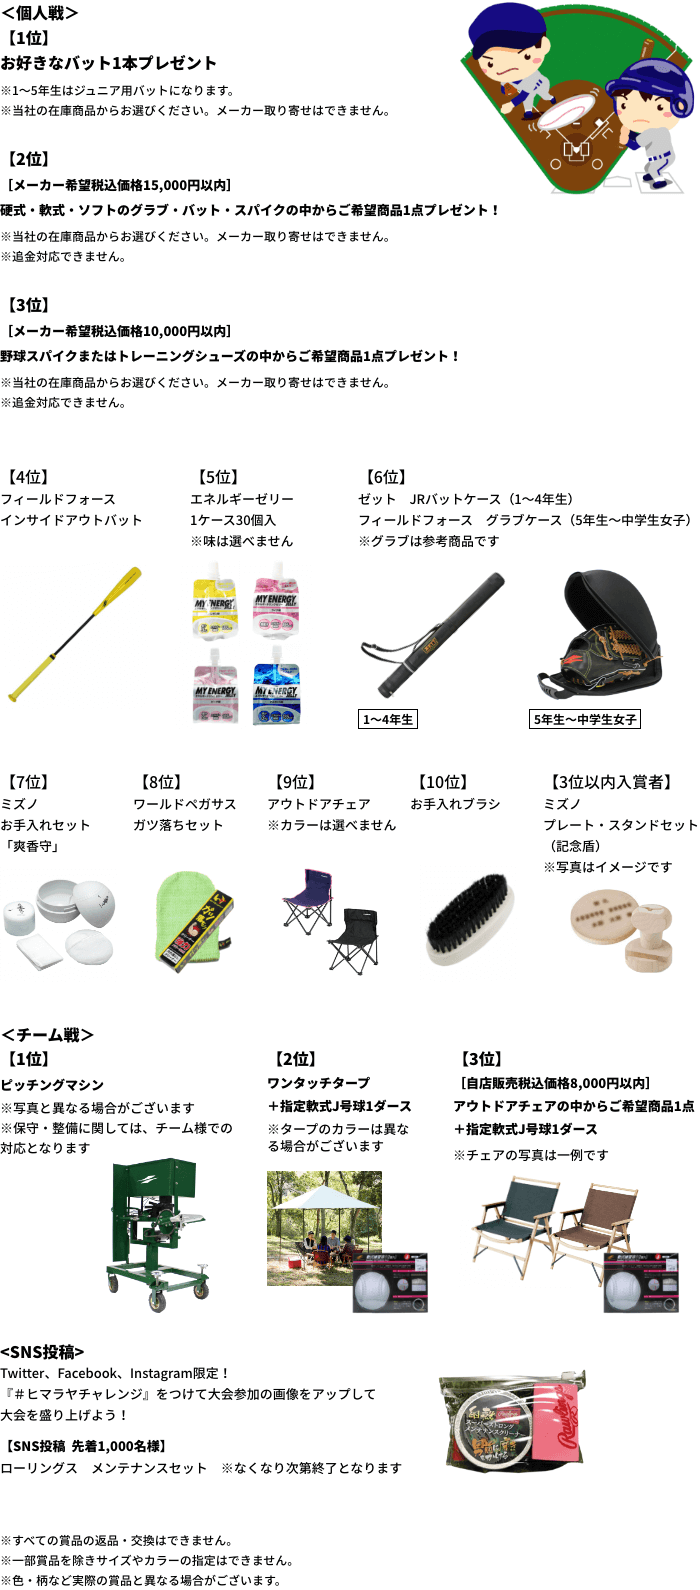 ランキング商品